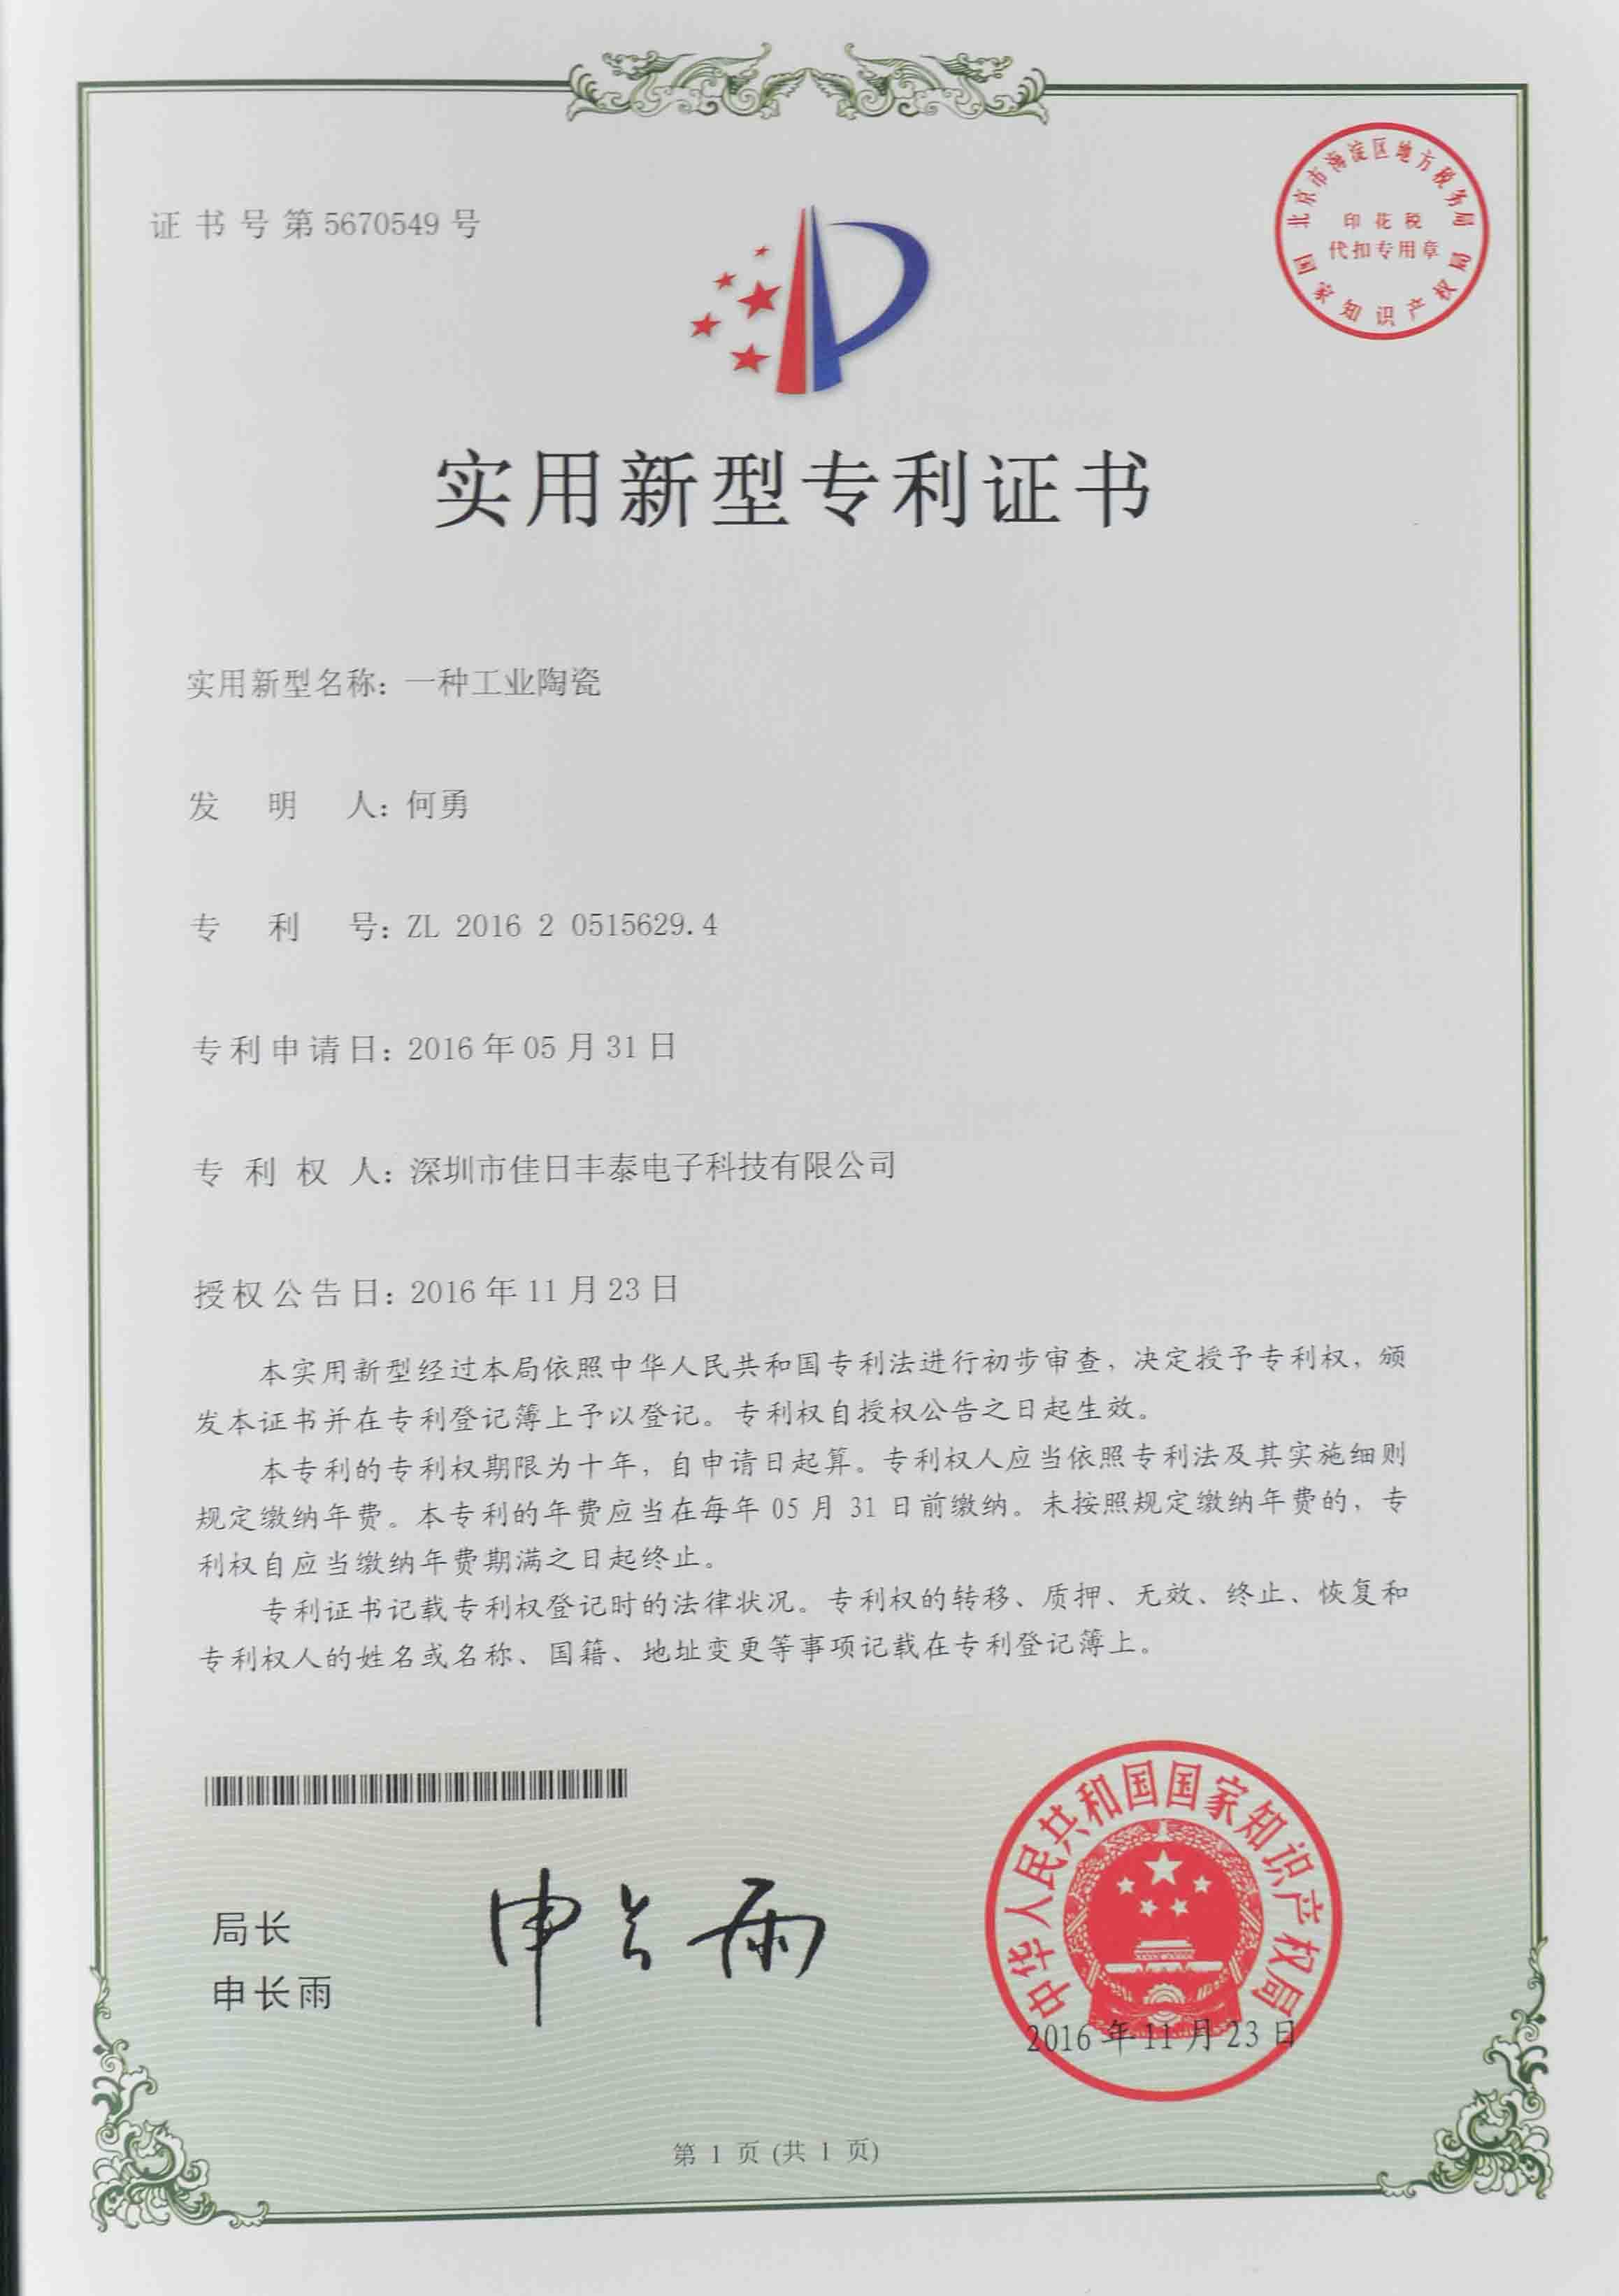 一种工业陶瓷专利